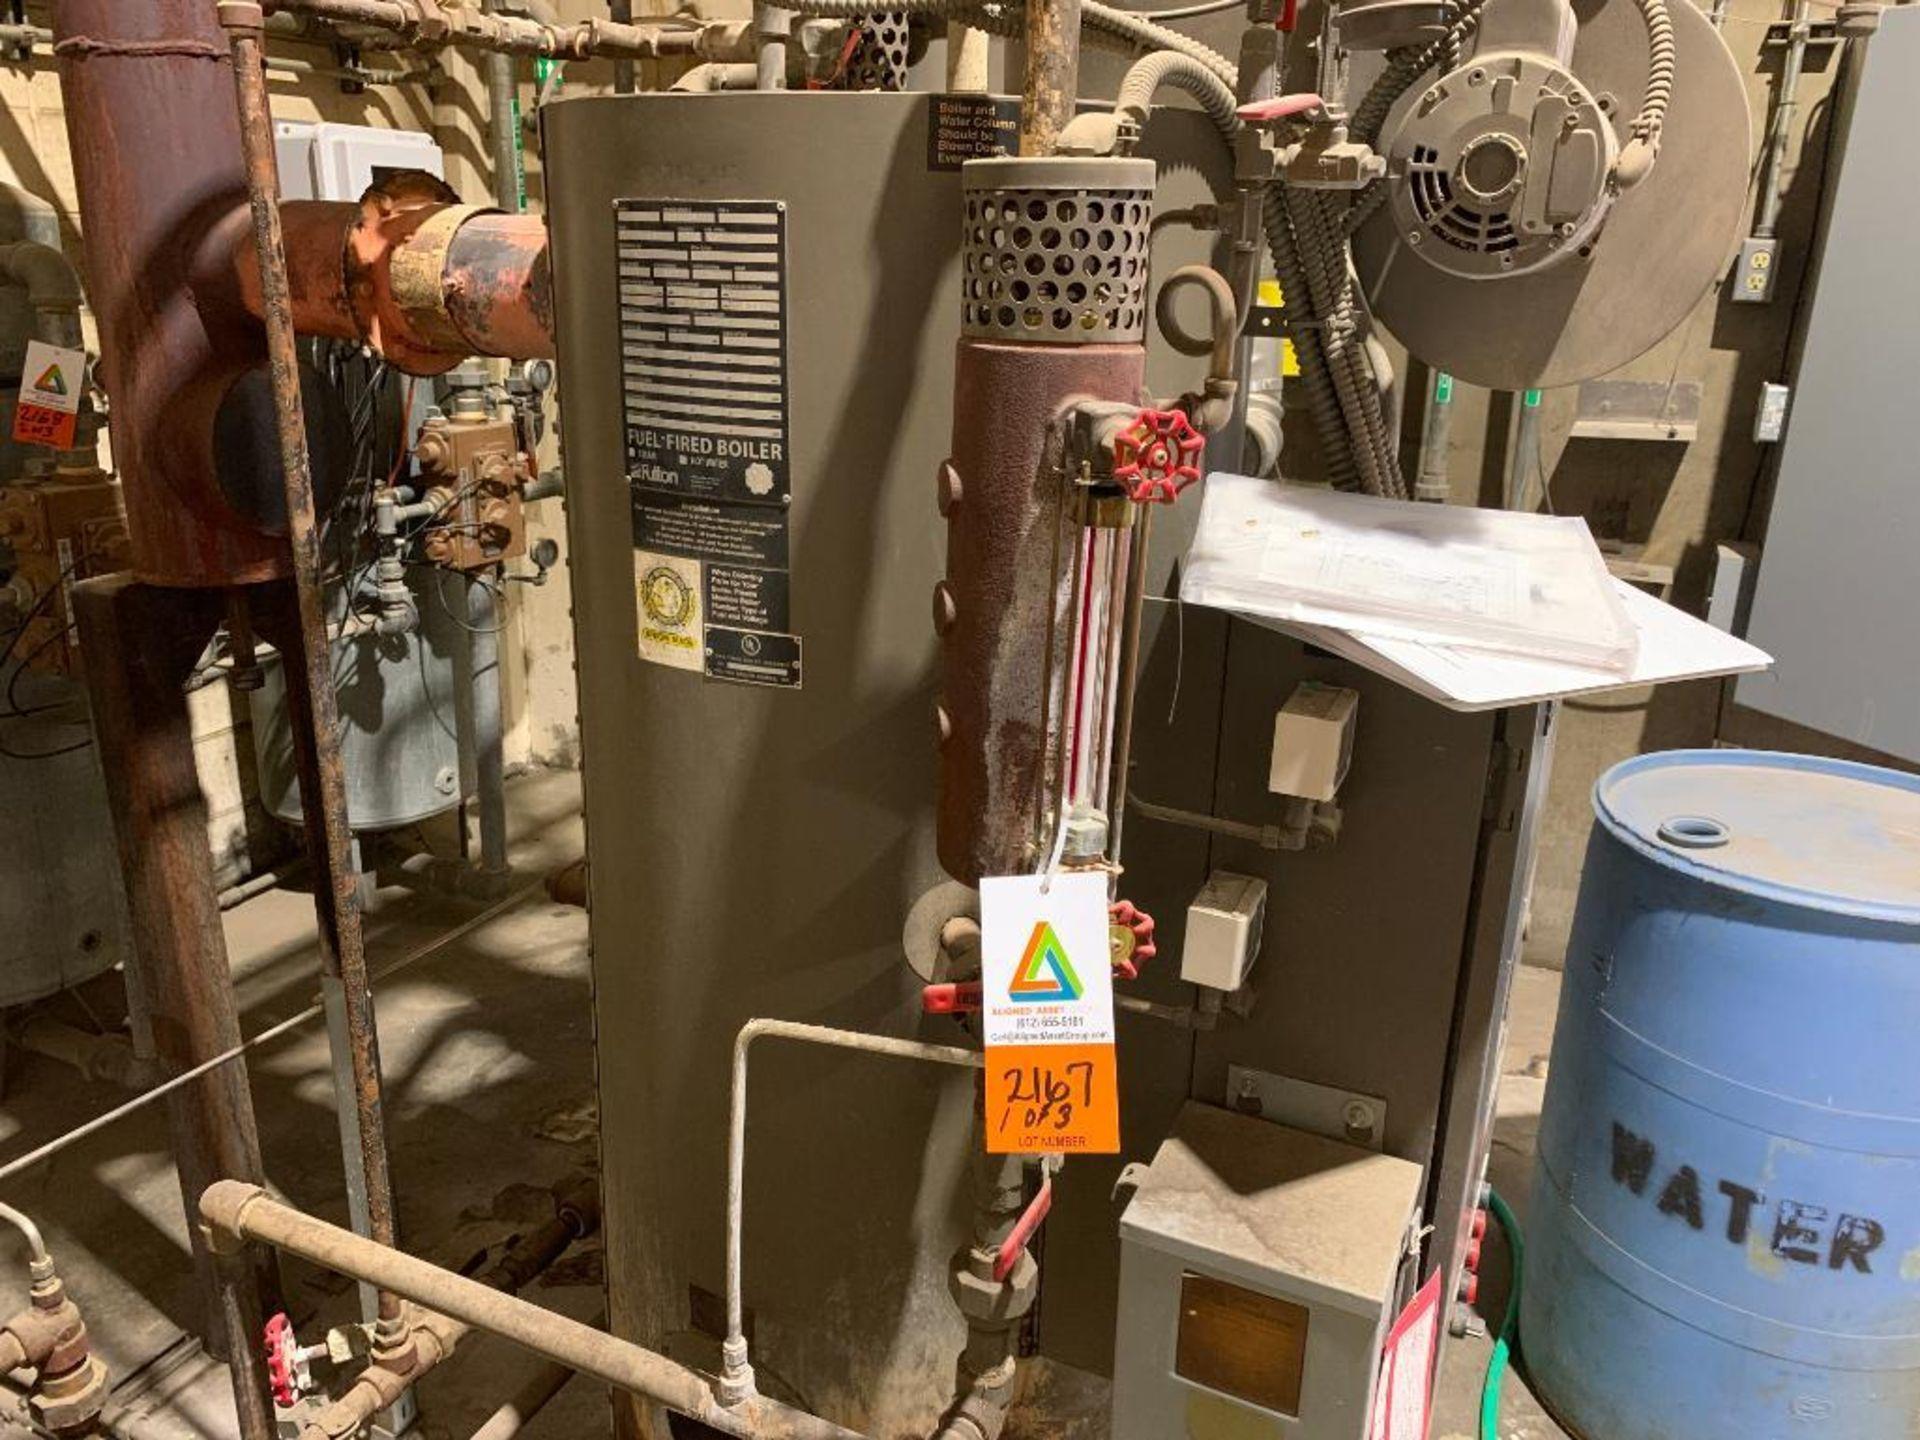 2014 Fulton steam boiler - Image 2 of 23